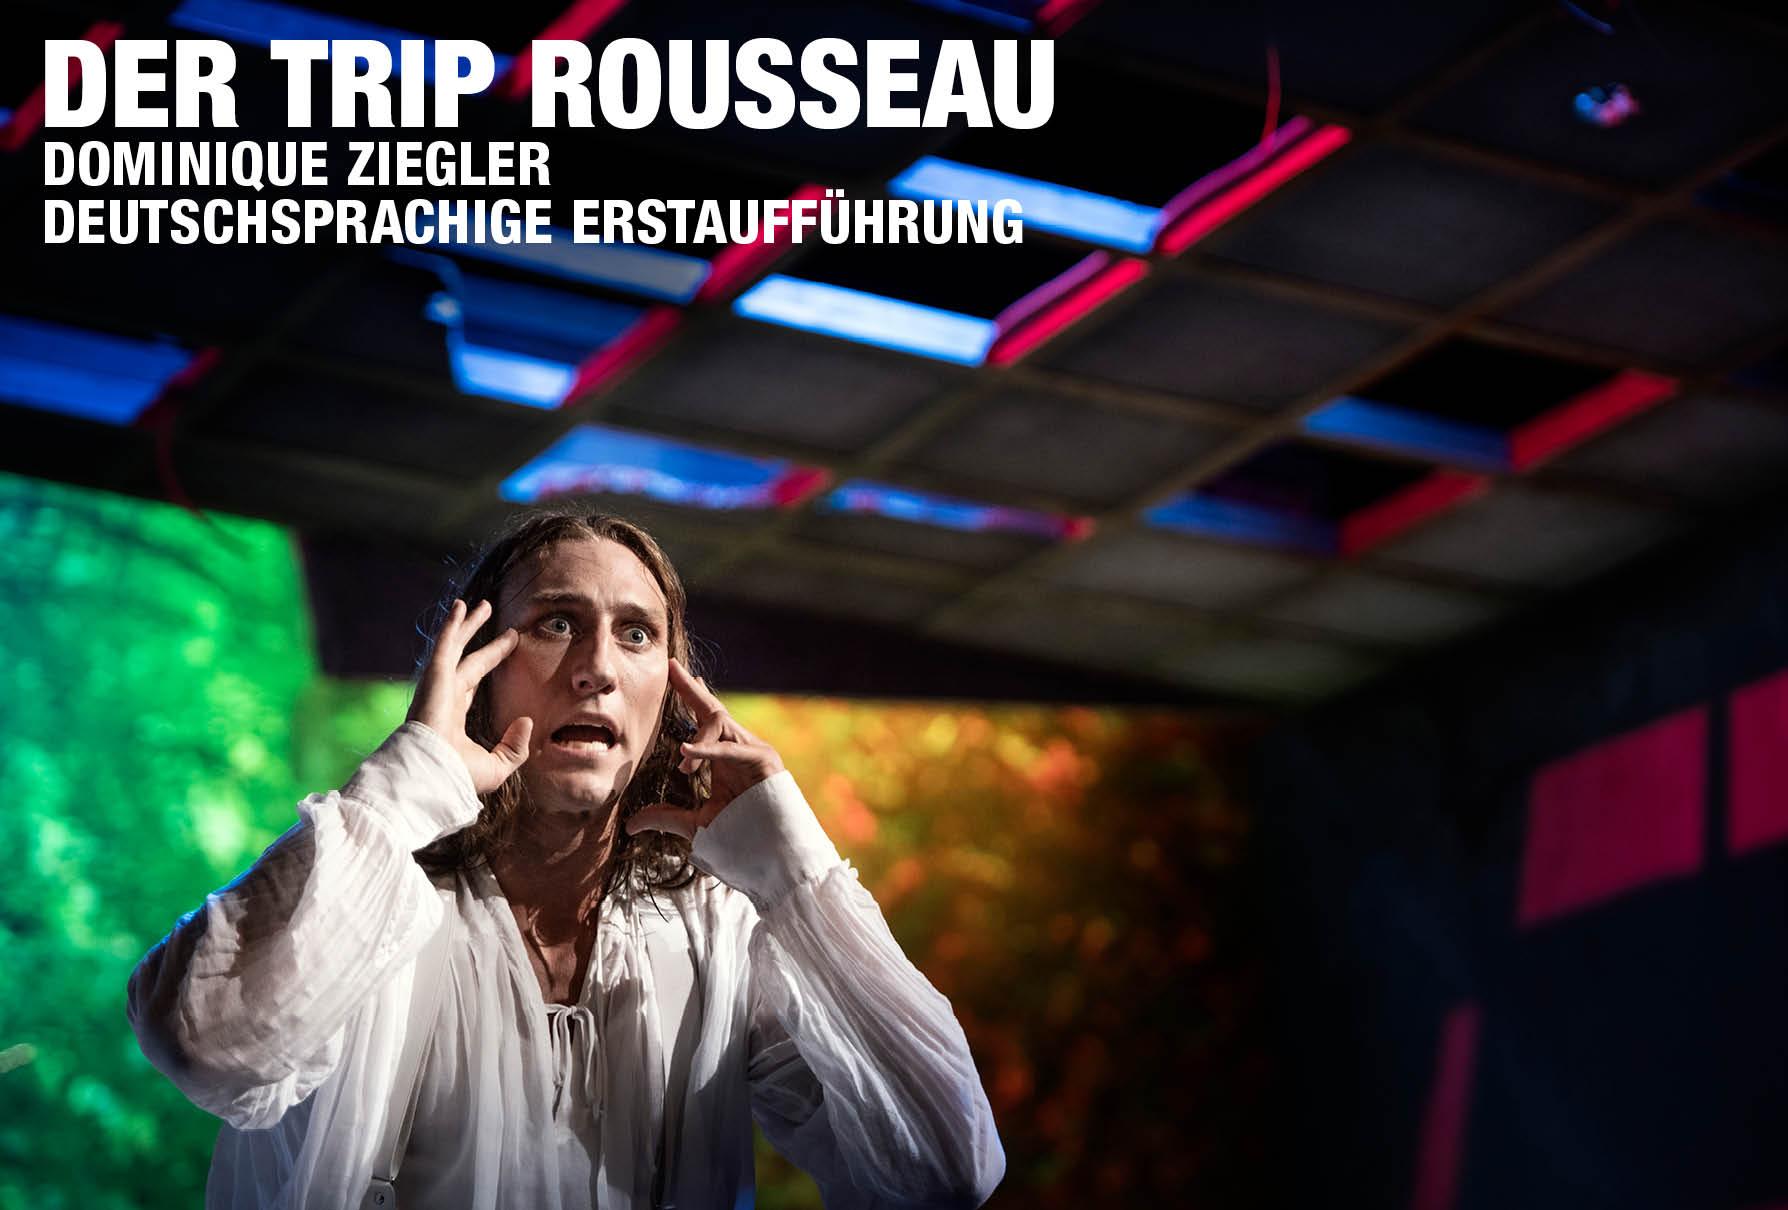 Der Trip Rousseau